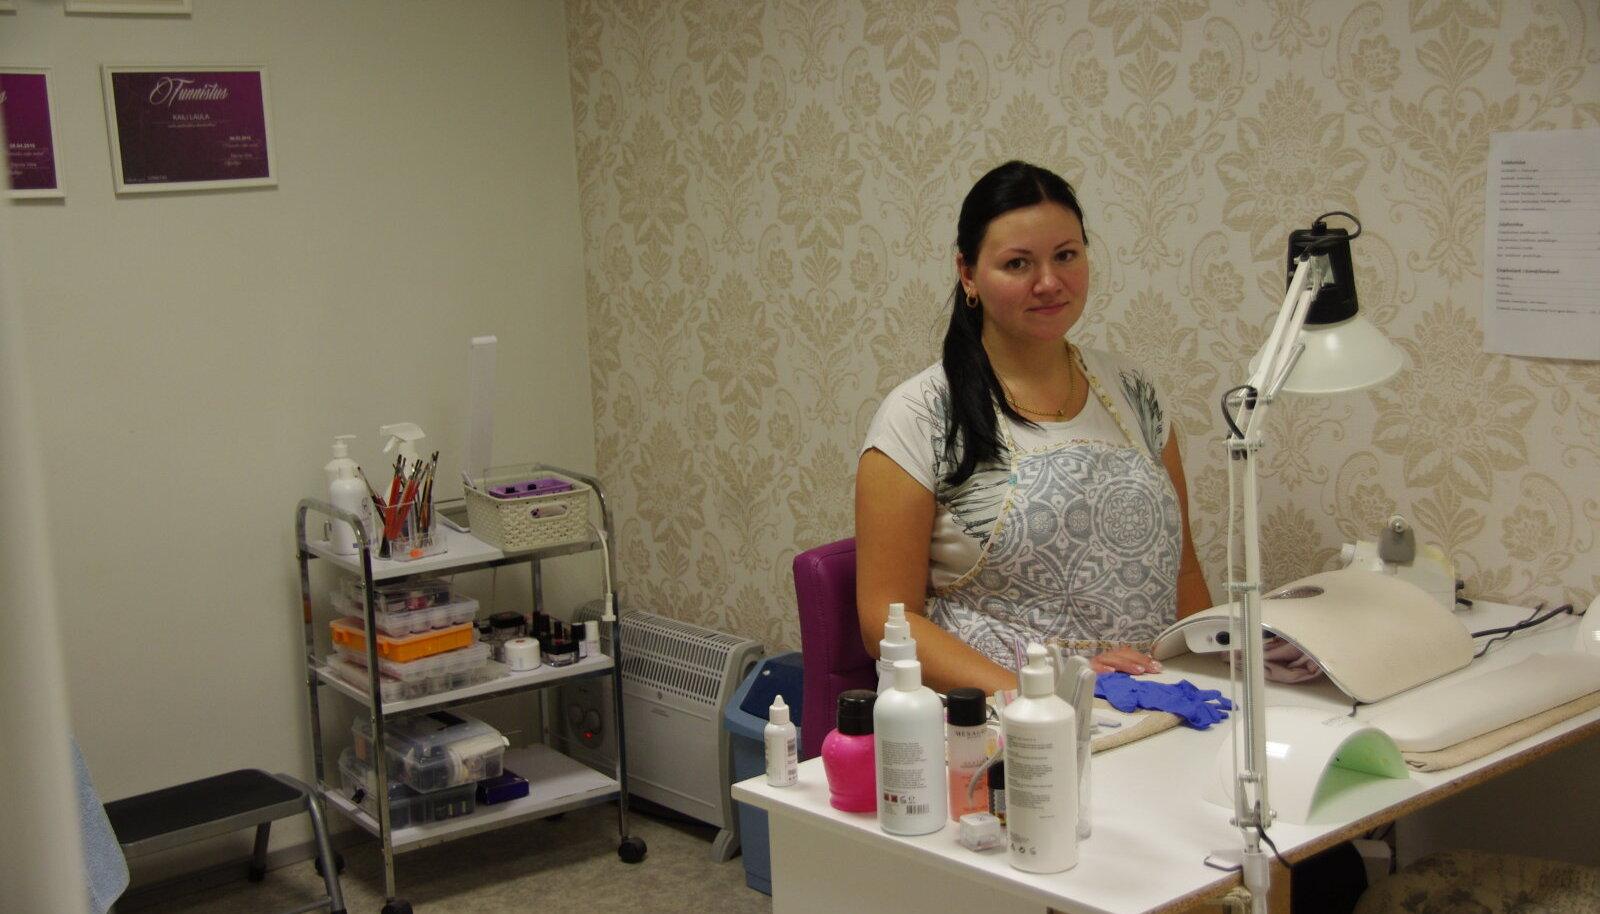 Orissaare kaubanduskeskuse ruumides asuvas tervise- ja ilusalongis võttis eile kliente vastu iluteenindaja Kaili Laula.